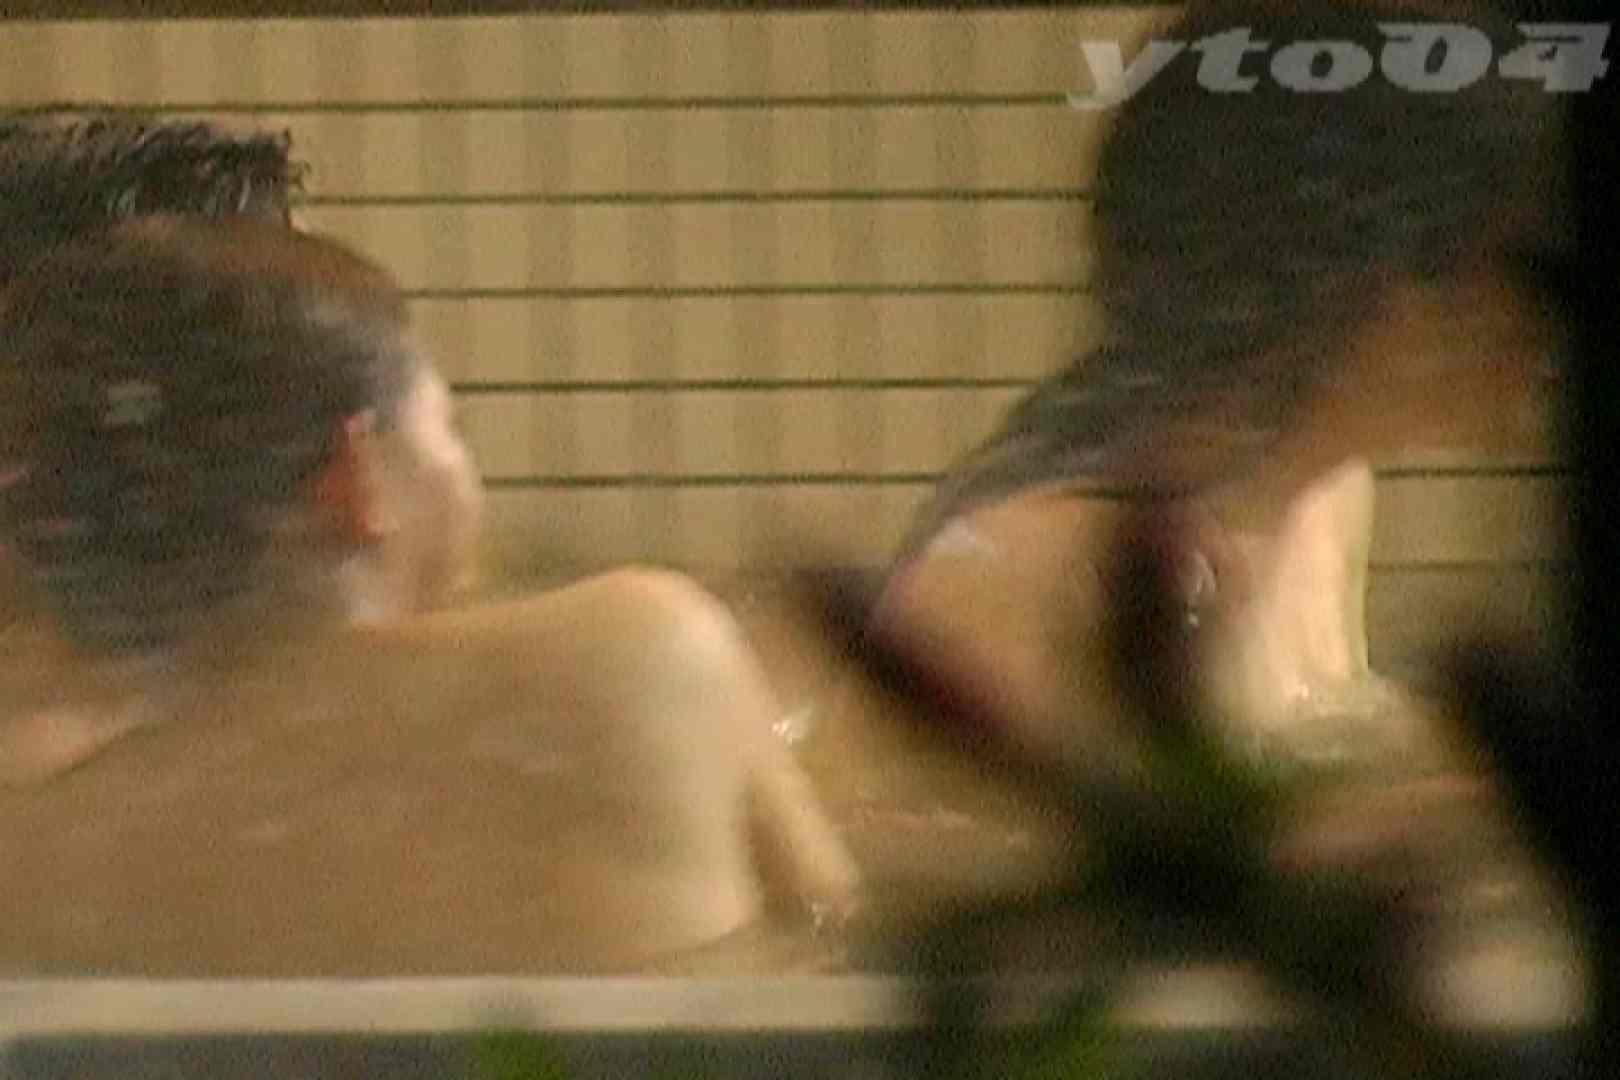 ▲復活限定▲合宿ホテル女風呂盗撮 Vol.26 盗撮エロすぎ   名作  85連発 54